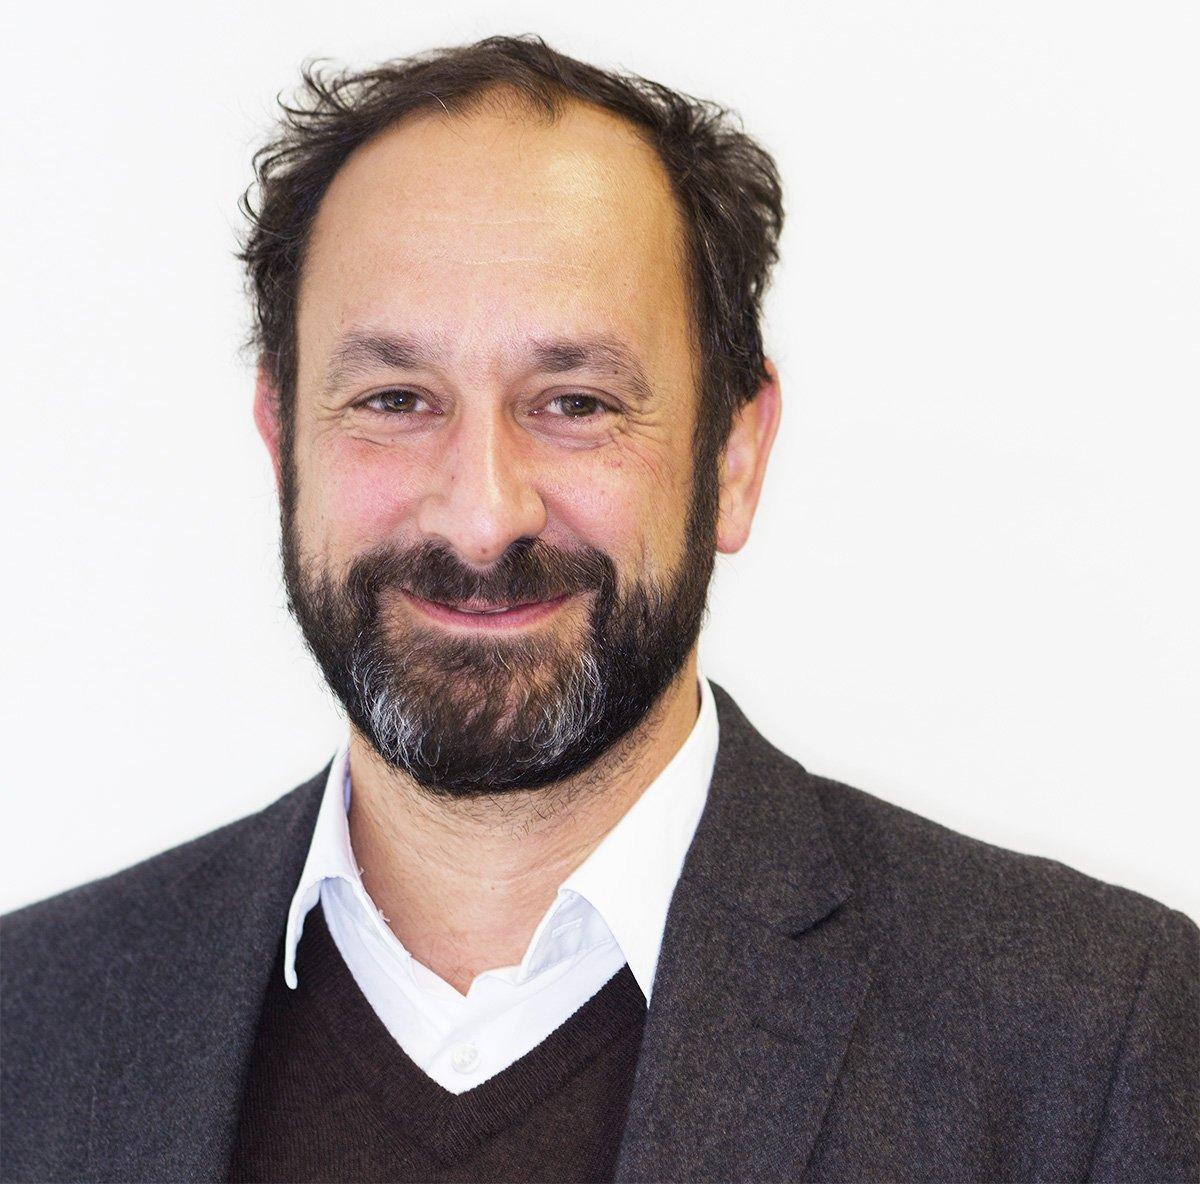 Bruno Affentranger, der Autor des Buches «Sepp – König der Fussballwelt».